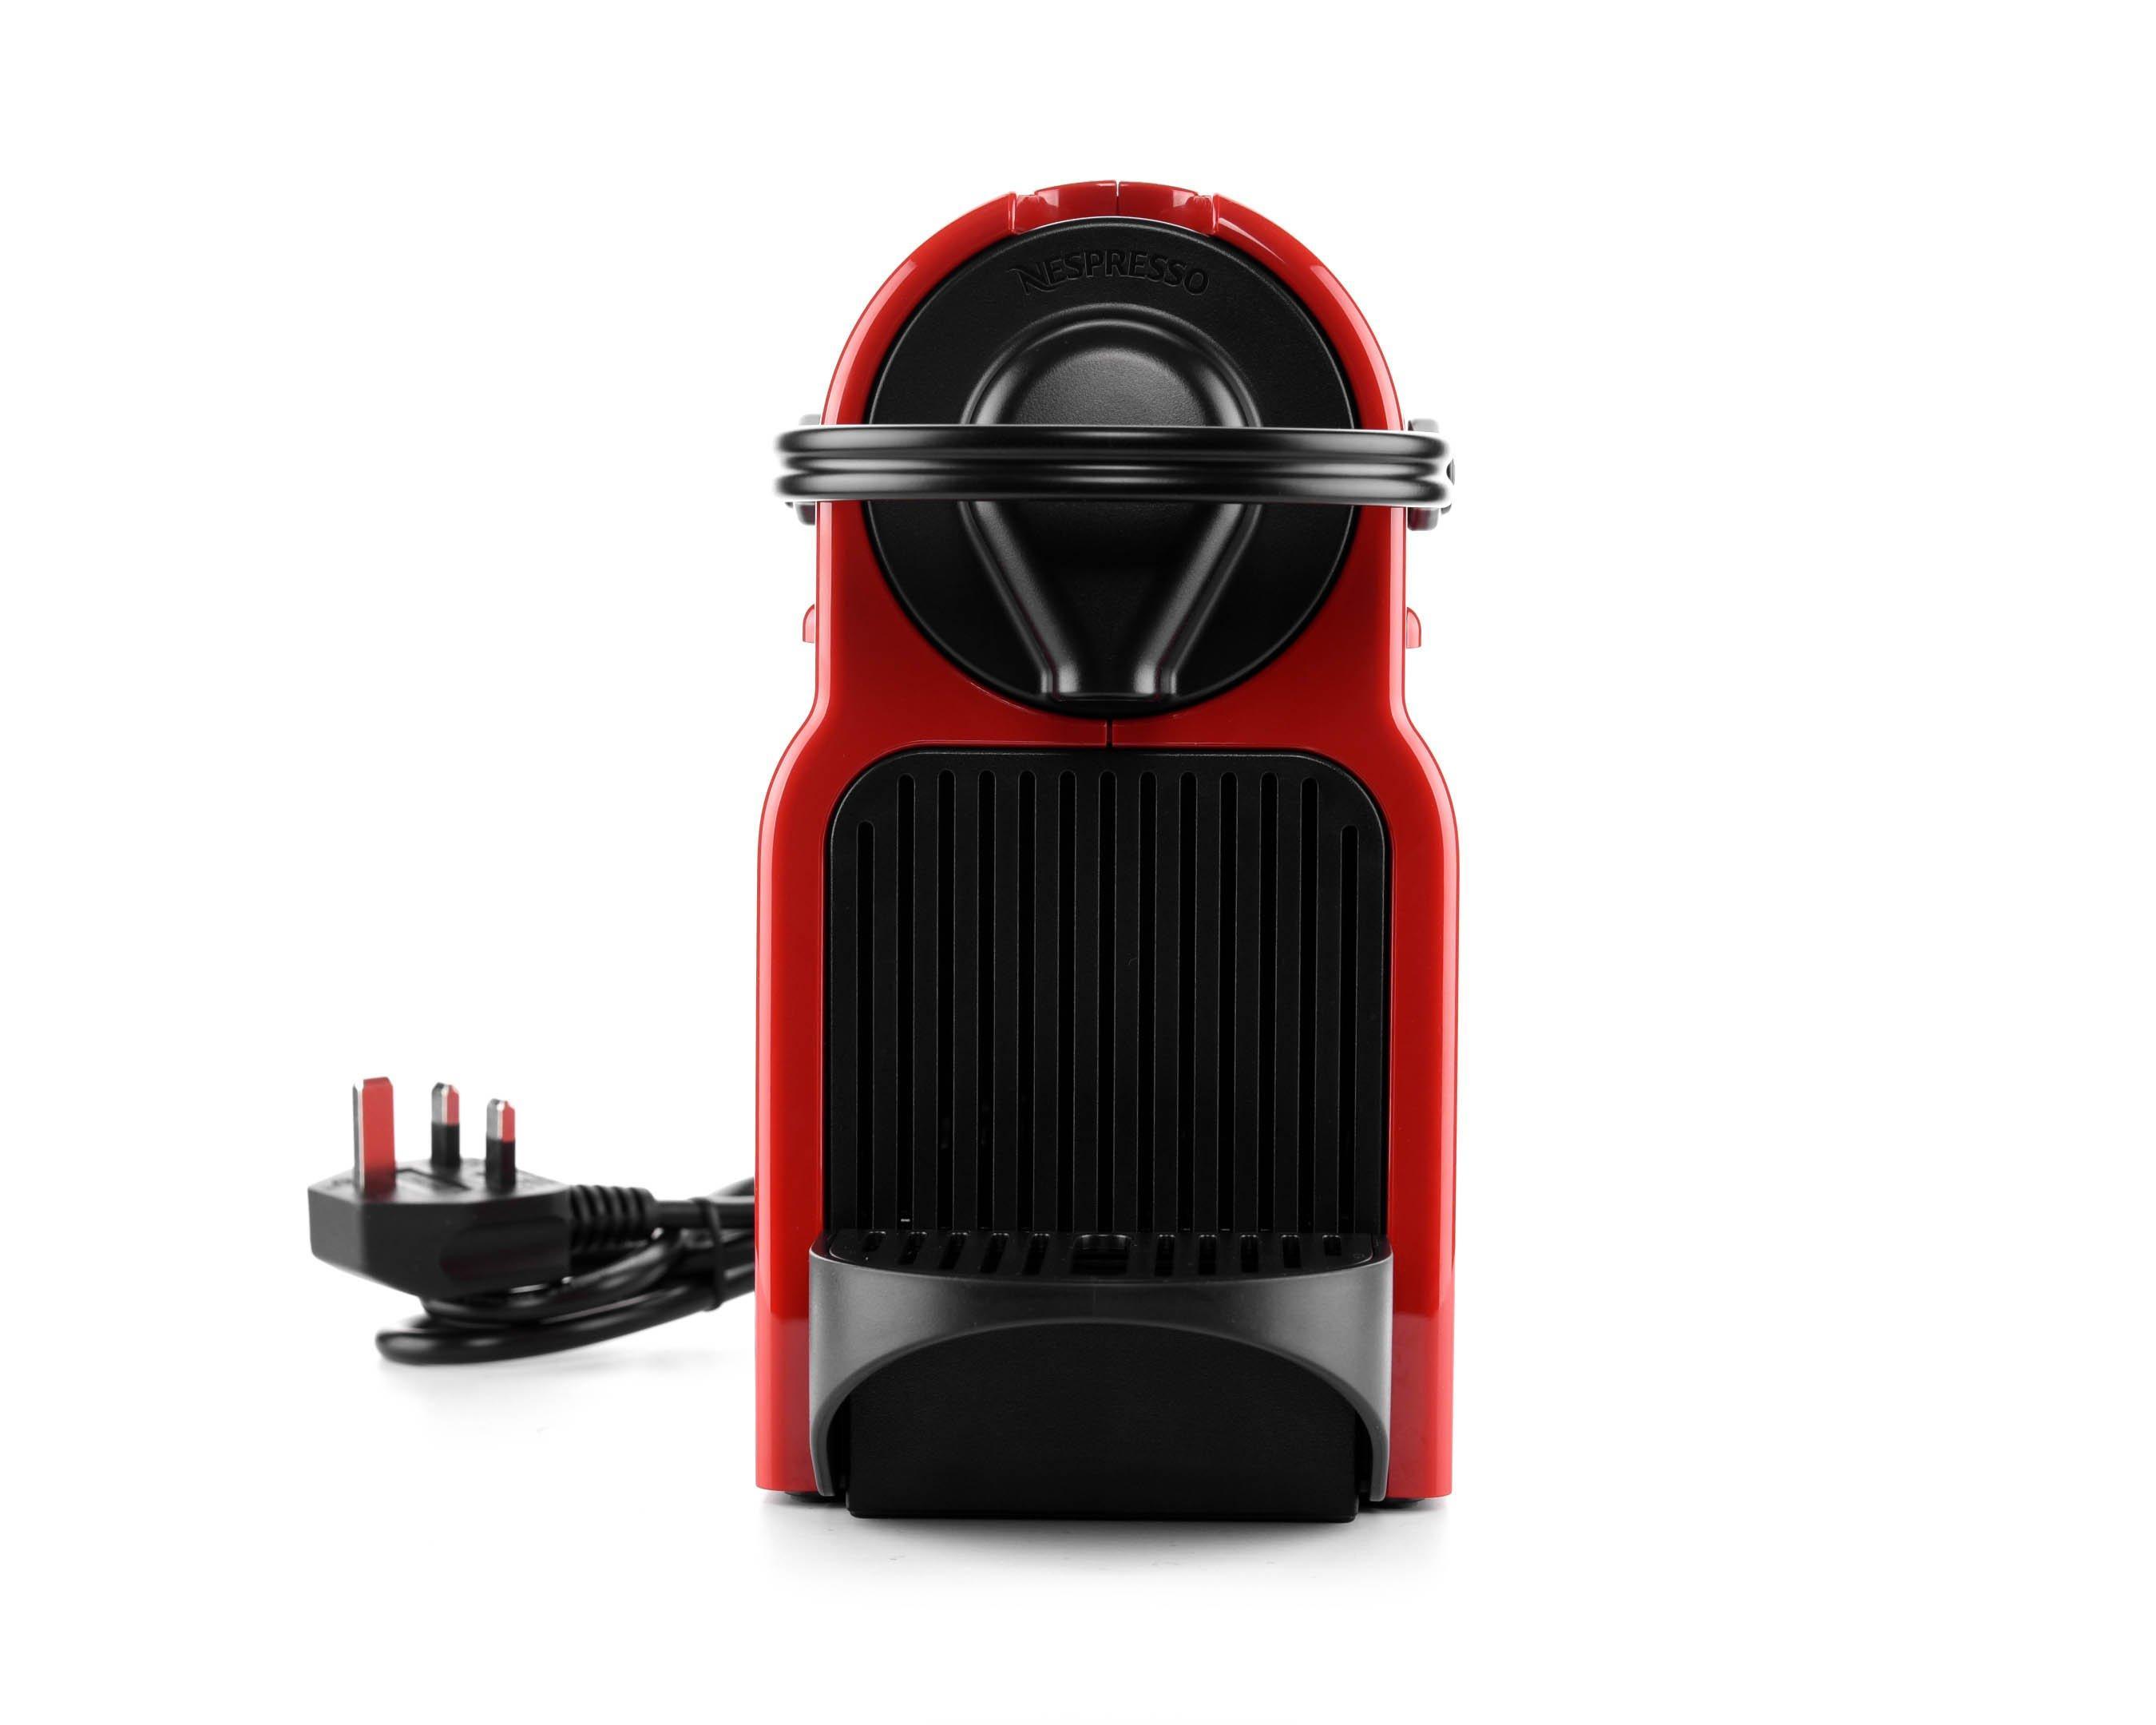 ماكينة تحضير القهوة إينسيا سعة 0.7 لتر وقدرة 1260 وات